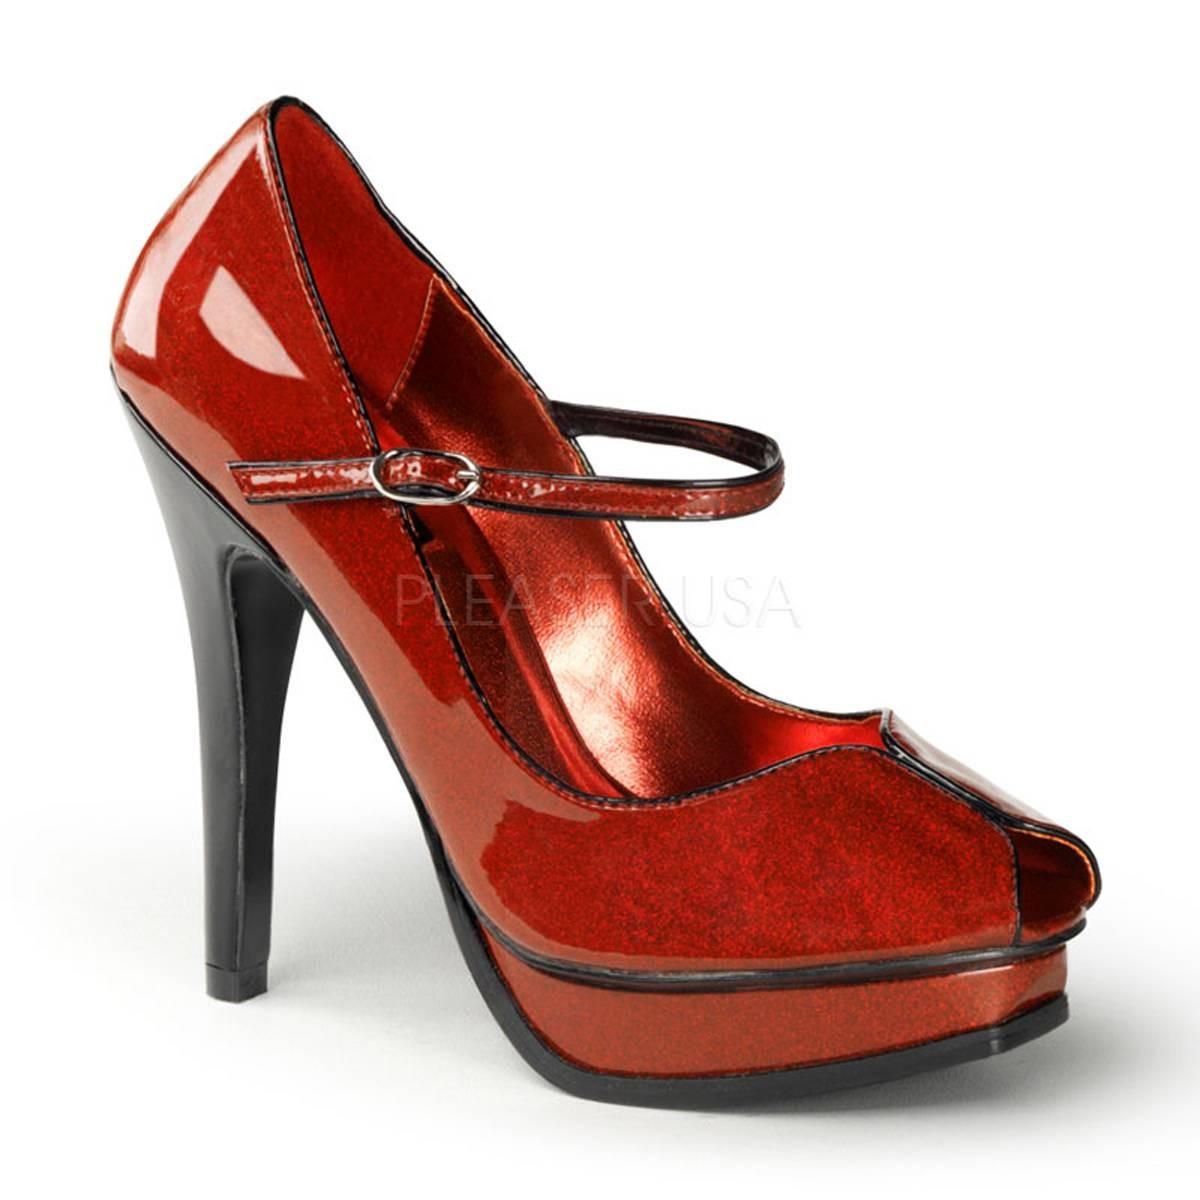 Highheels für Frauen - PLEASURE 02G ° Damen Peep Toe ° Rot Glänzend ° Pin Up Couture  - Onlineshop RedSixty